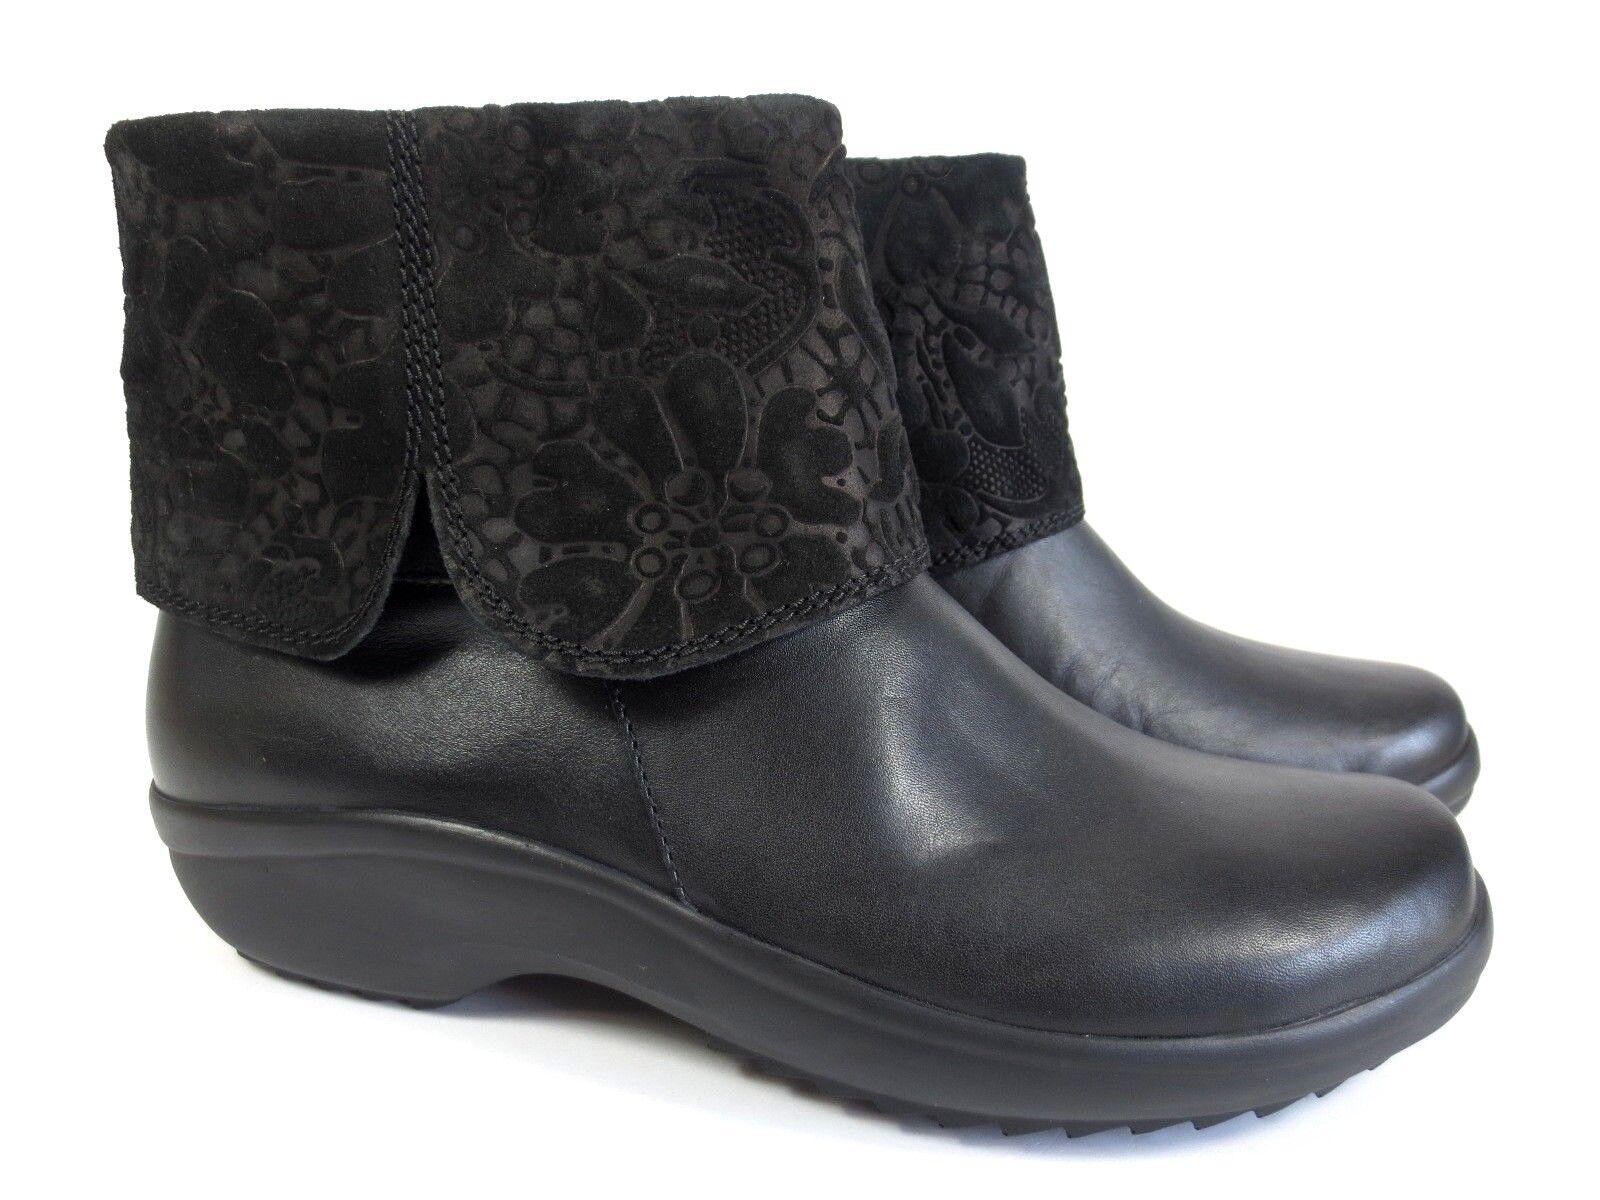 Berkemann coralie confort zapatos de piel botines botas nuevo nuevo nuevo 149,95  ahorra hasta un 50%